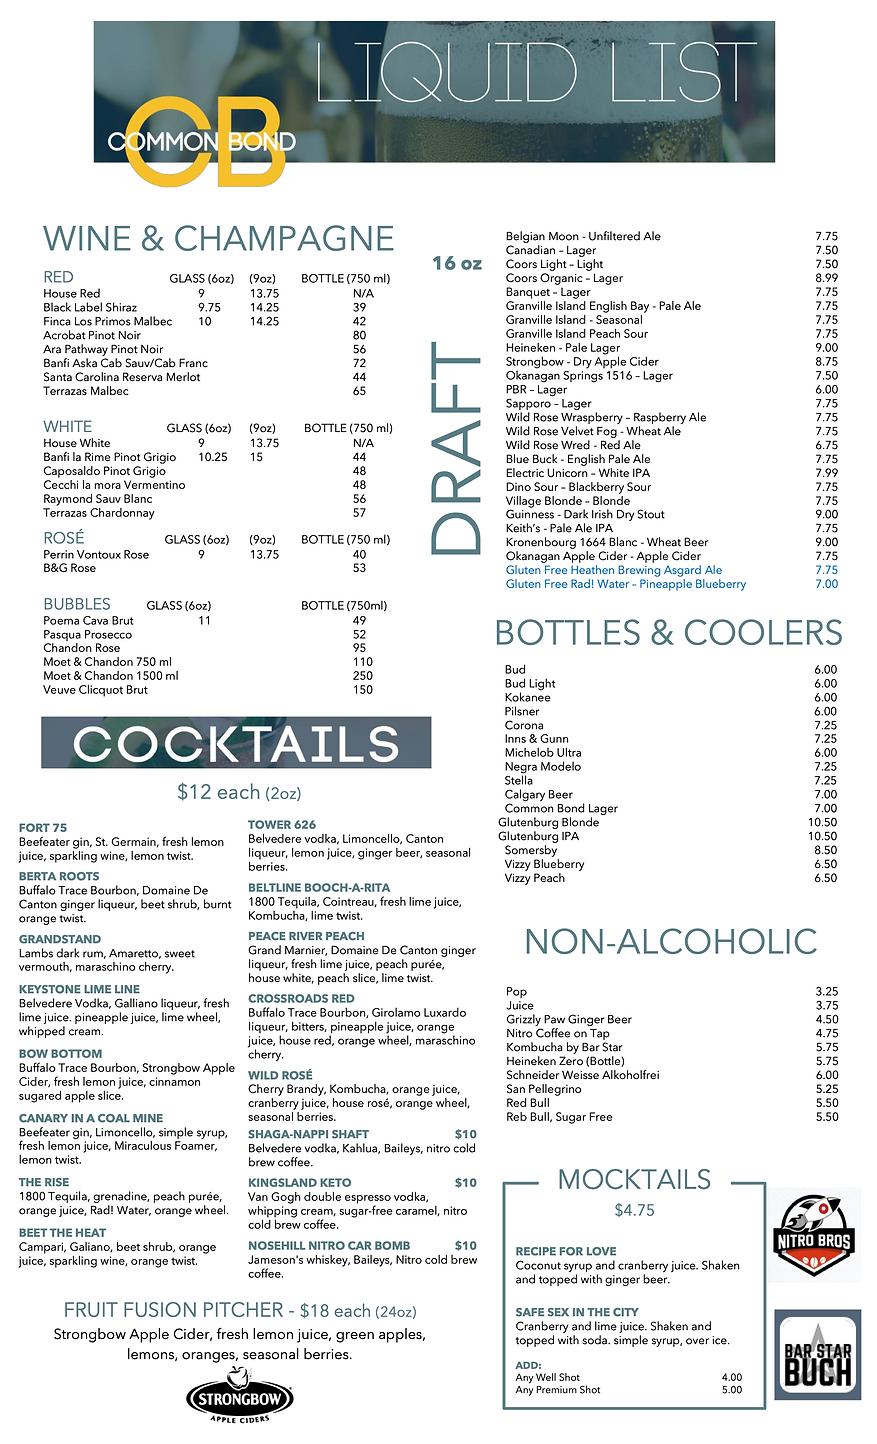 CB Liquid List.png